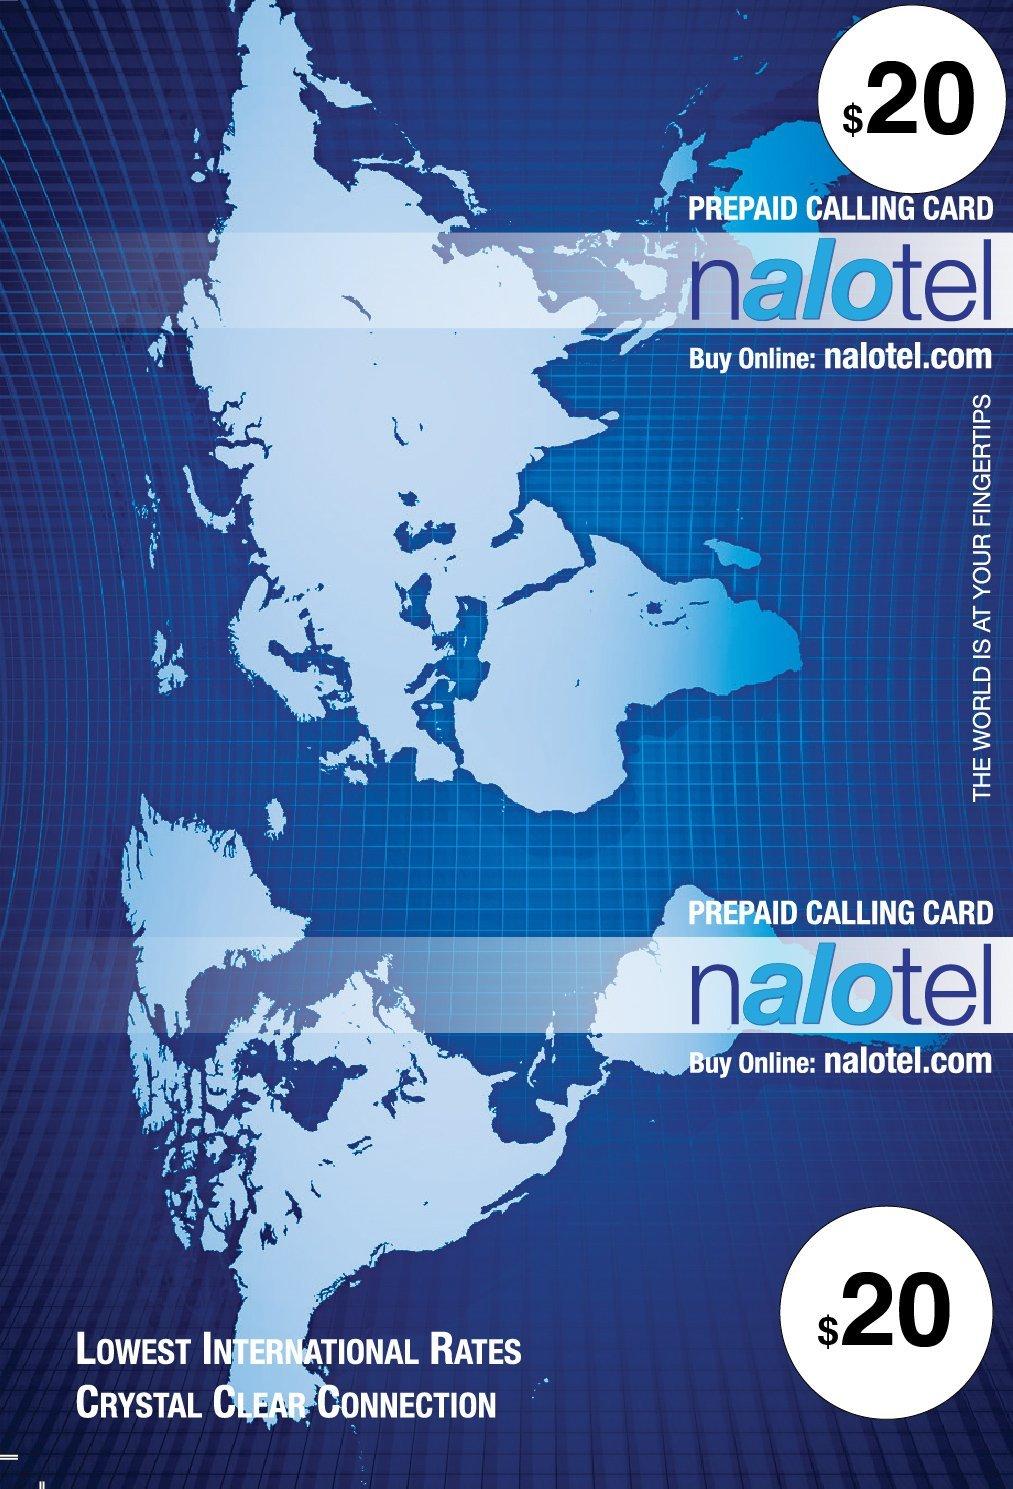 Prepaid Phone Card - Cheap International Calling Card $20